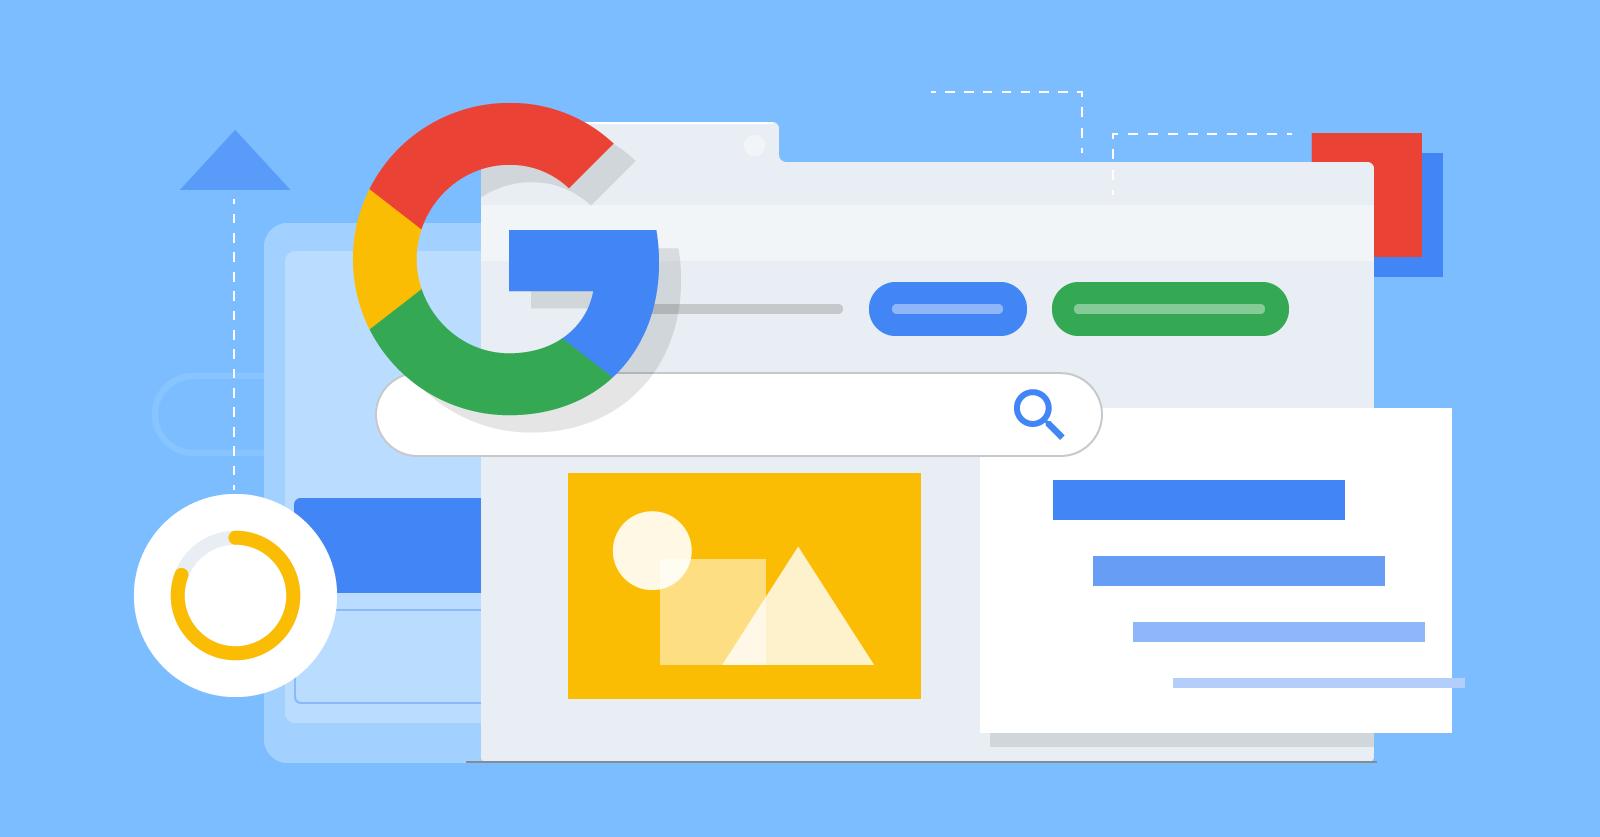 Understanding Google's Ranking Process